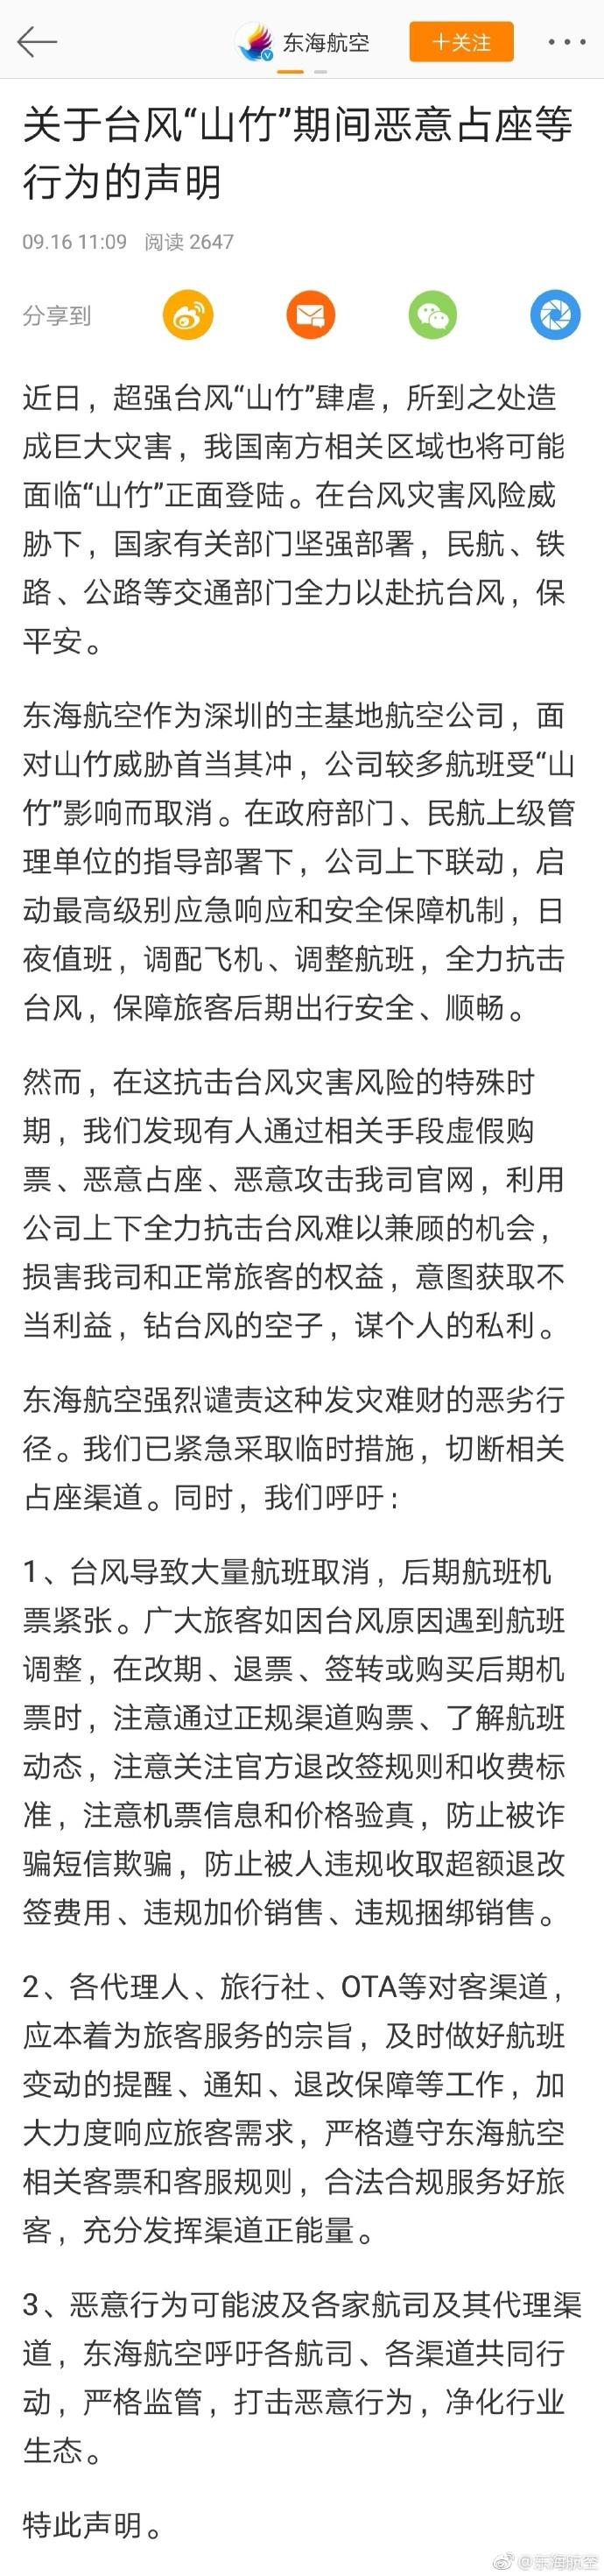 东海航空:有人在台风期间虚假购票攻击公司官网